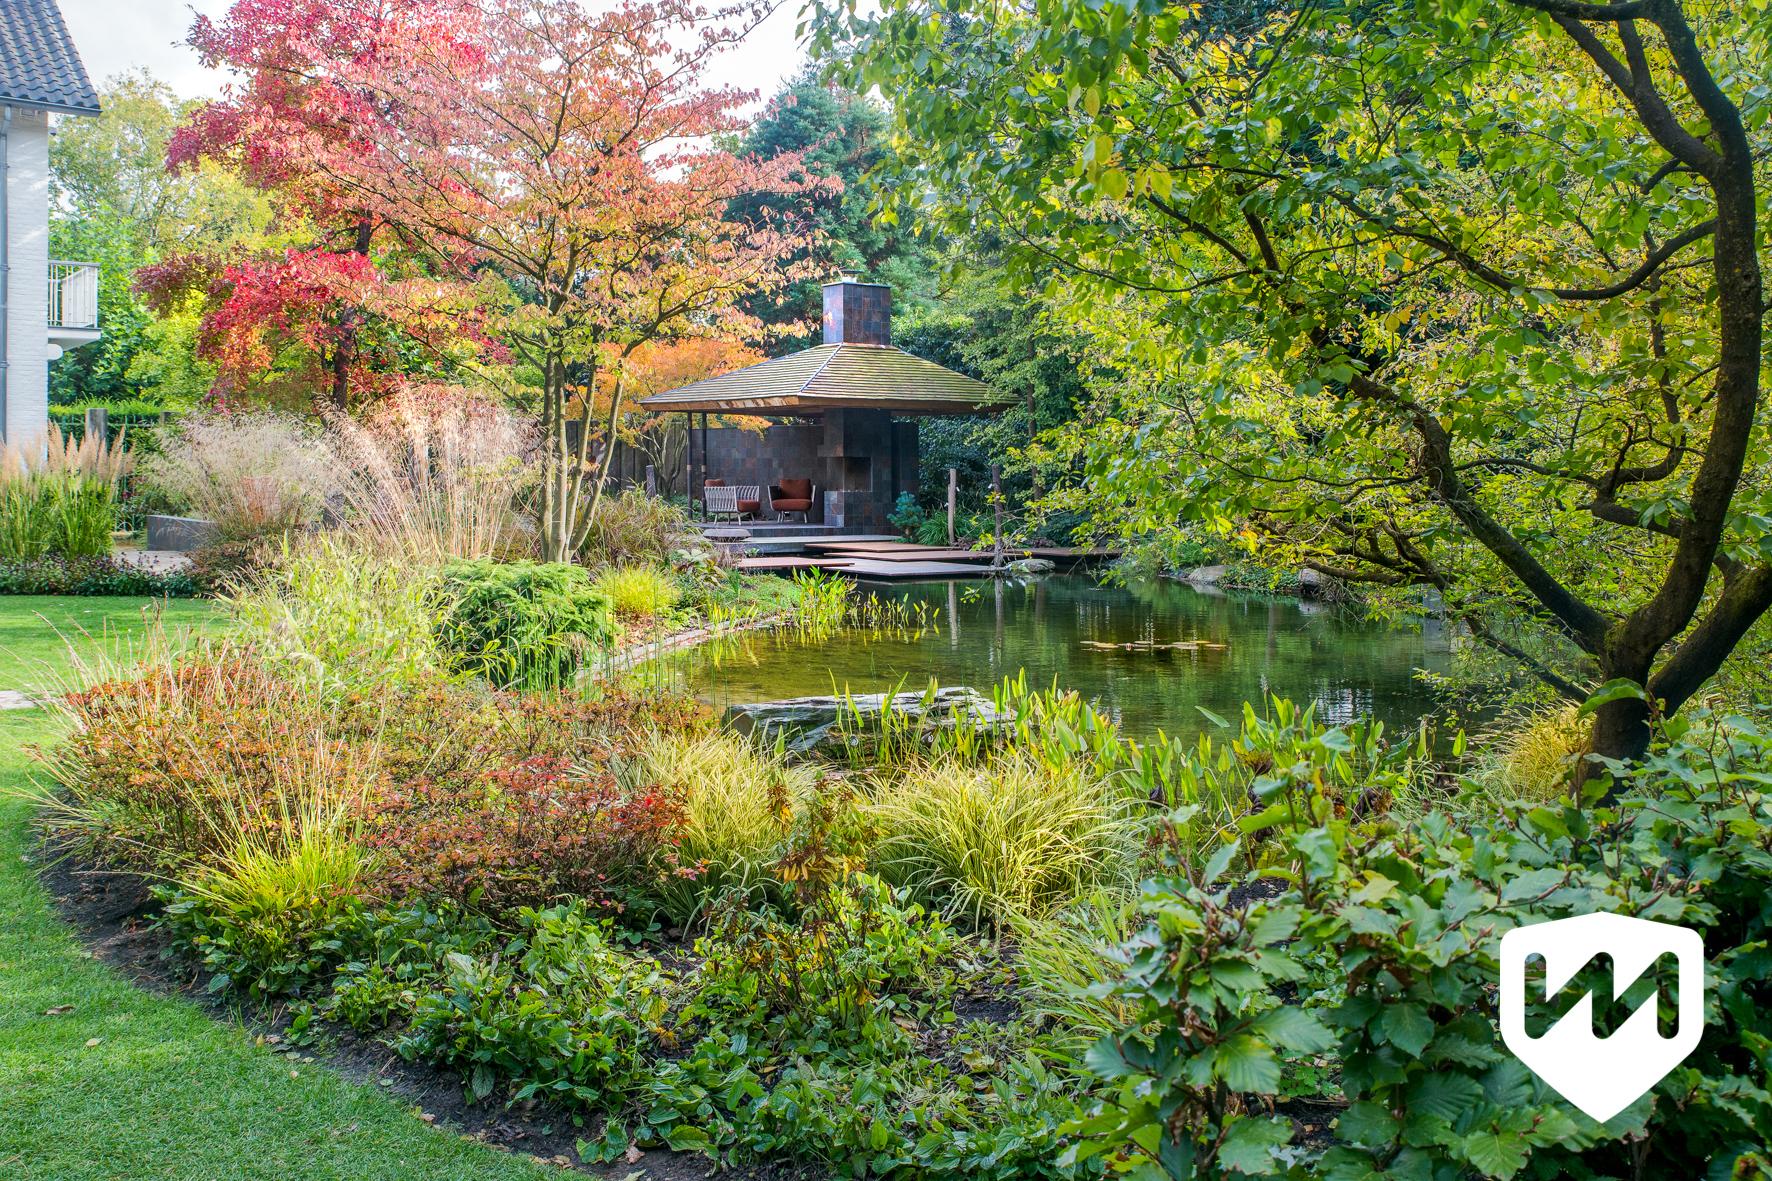 Japanese water garden winner sgd award 2019 van mierlo tuinen